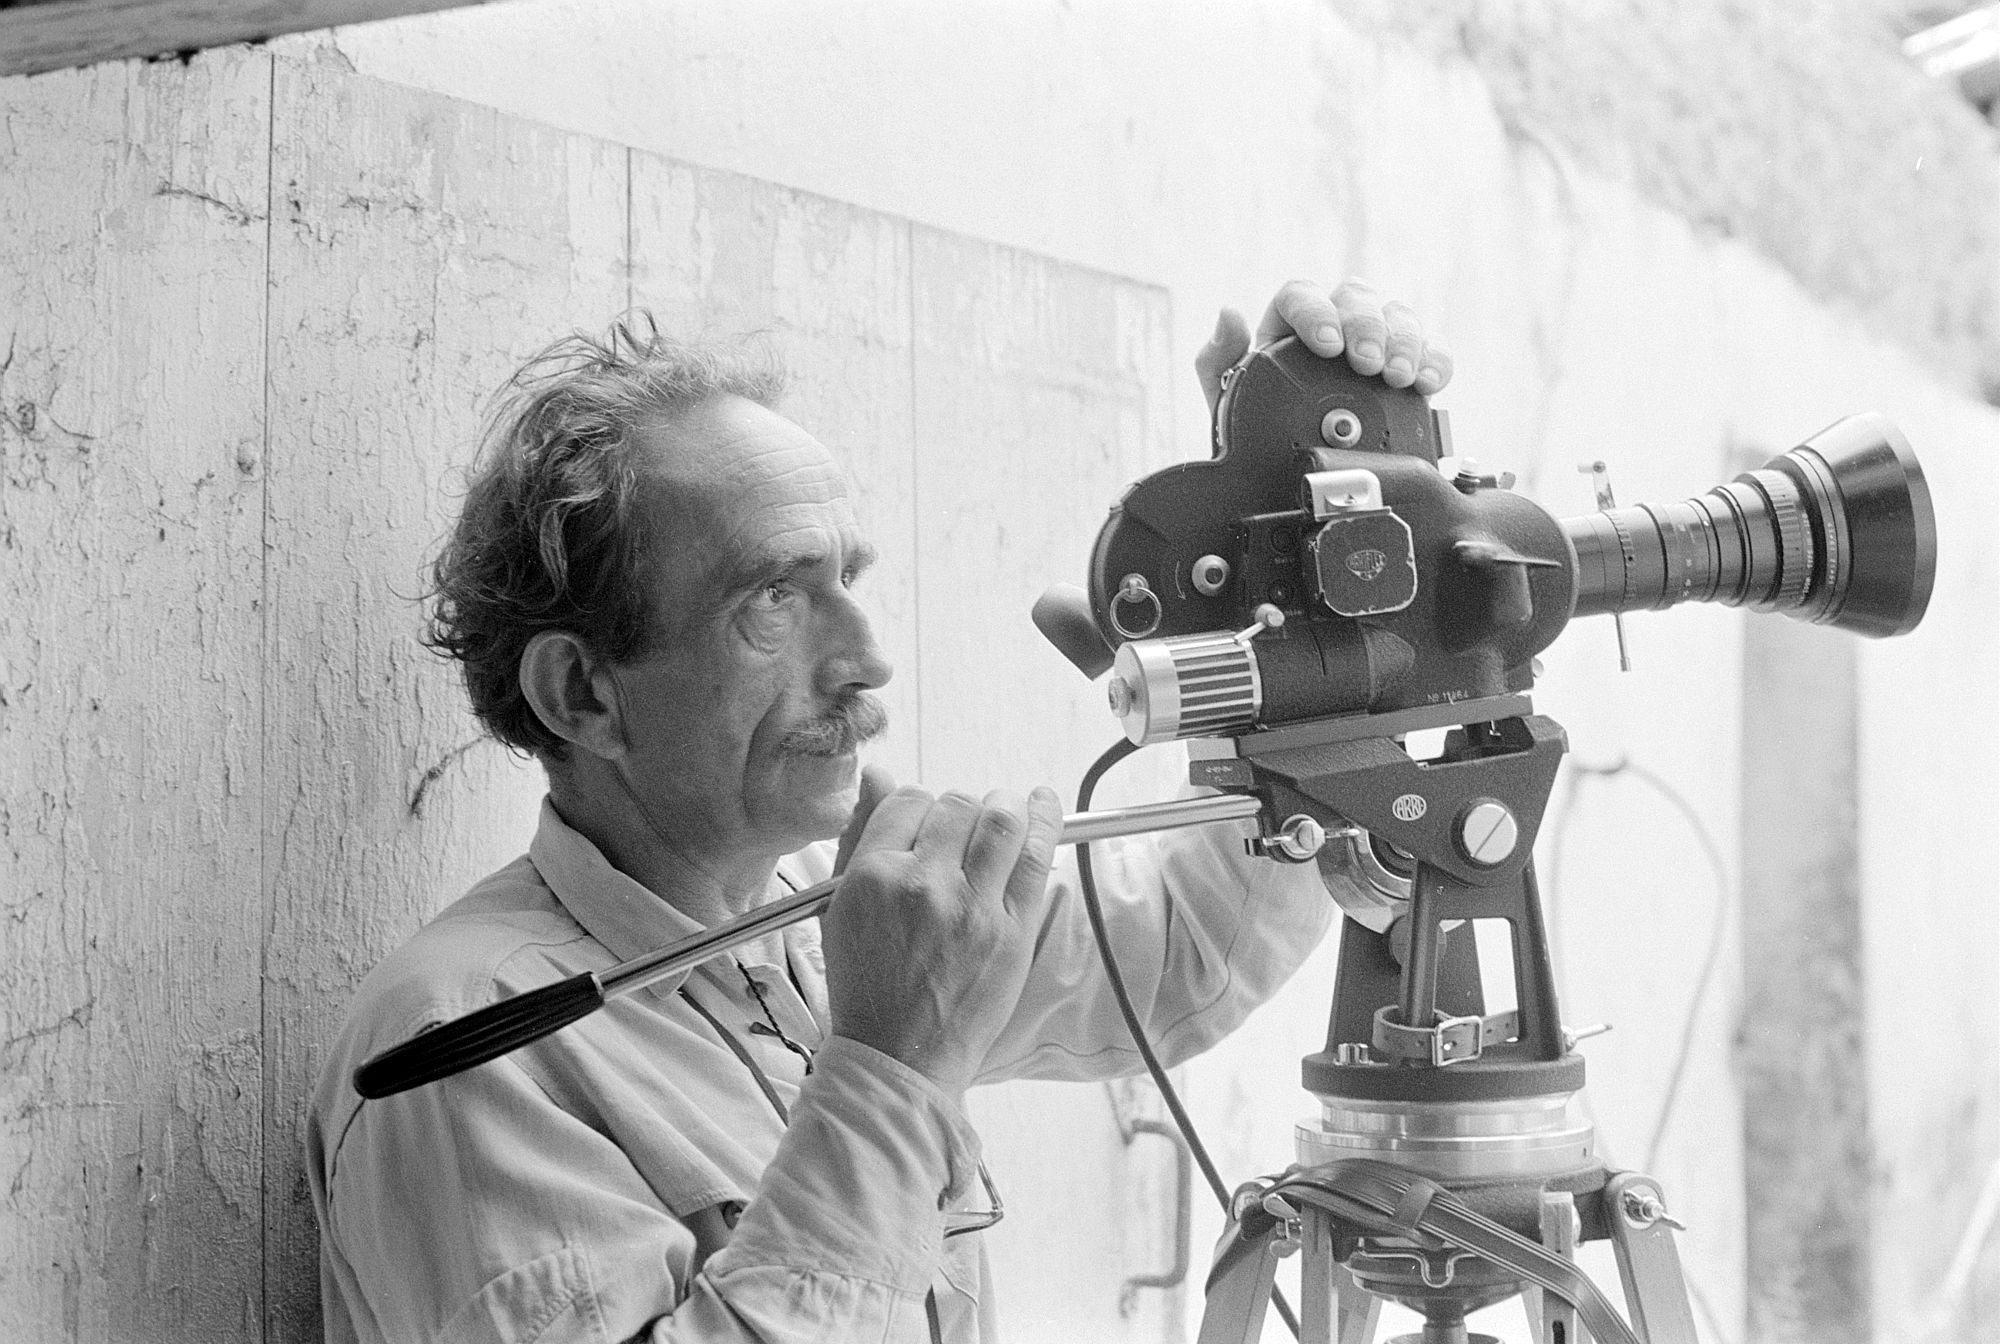 Jacques Thévoz derrière la caméra, 1968-1969. Bibliothèque cantonale et universitaire - Fonds Jacques Thévoz